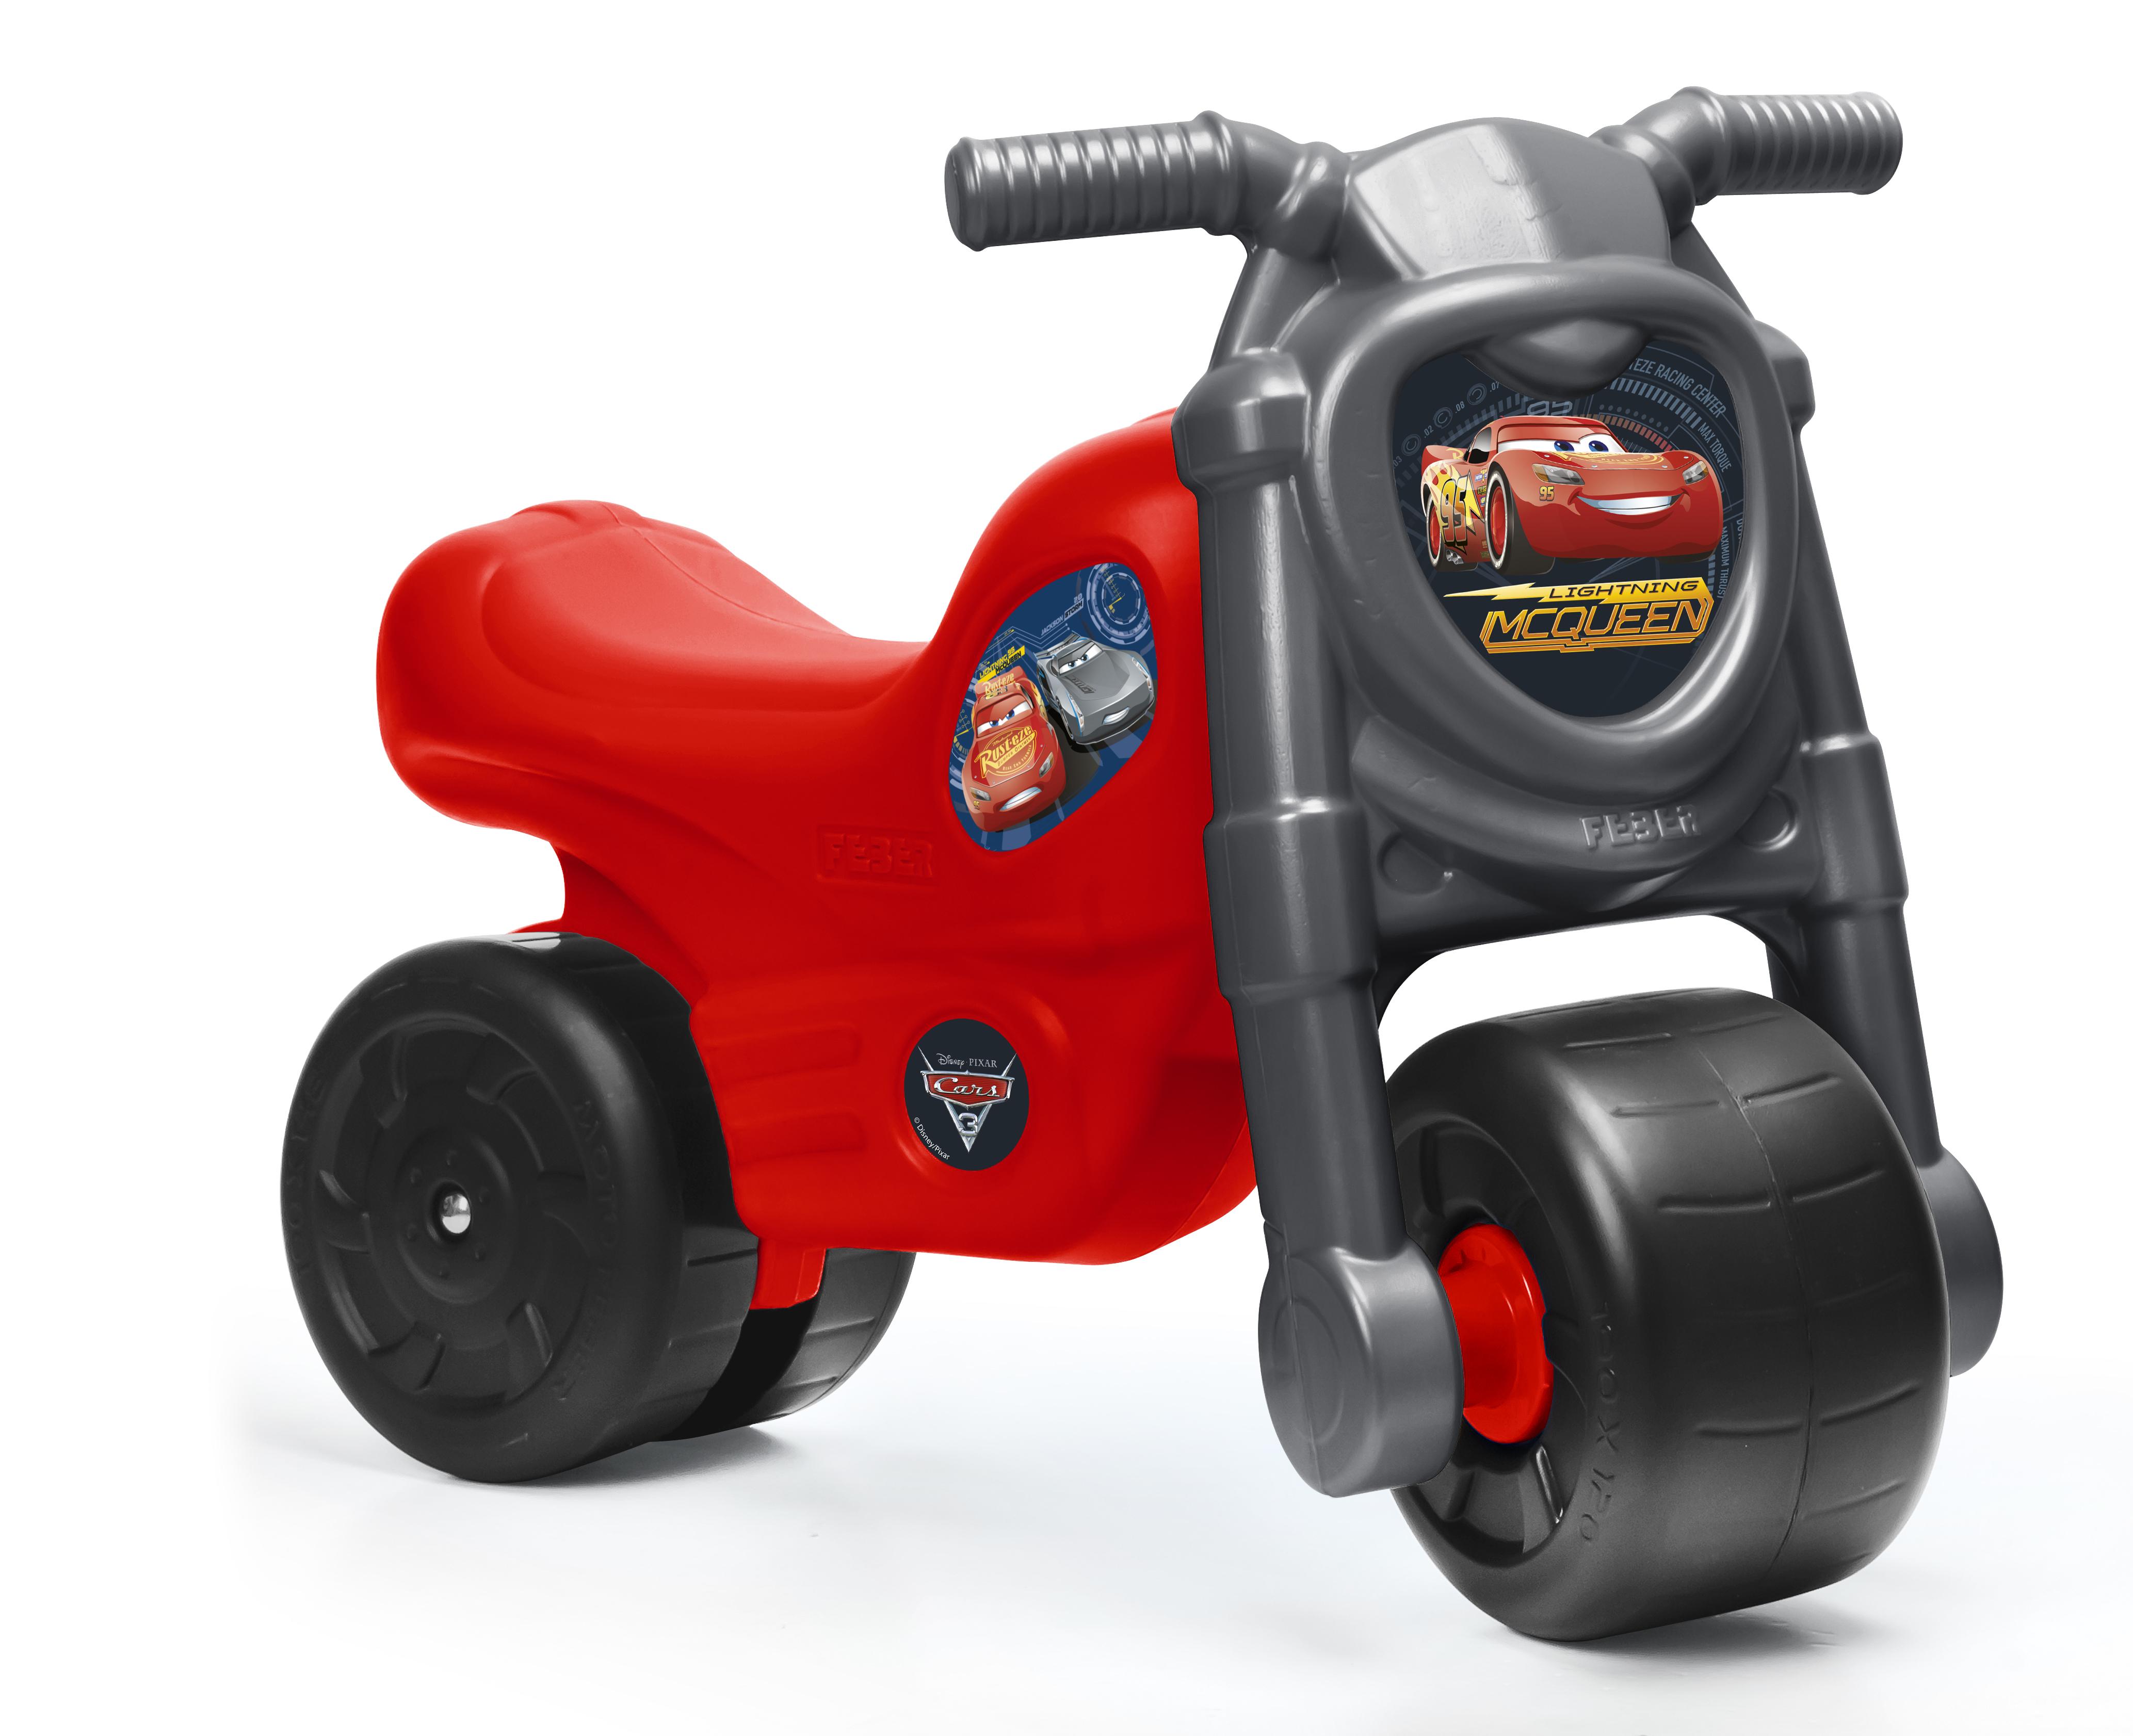 vidaXL Moto à Chevaucher sur Piles Noir Voiture Moto Véhicule Jouet denfant Vélos et véhicules pour enfants